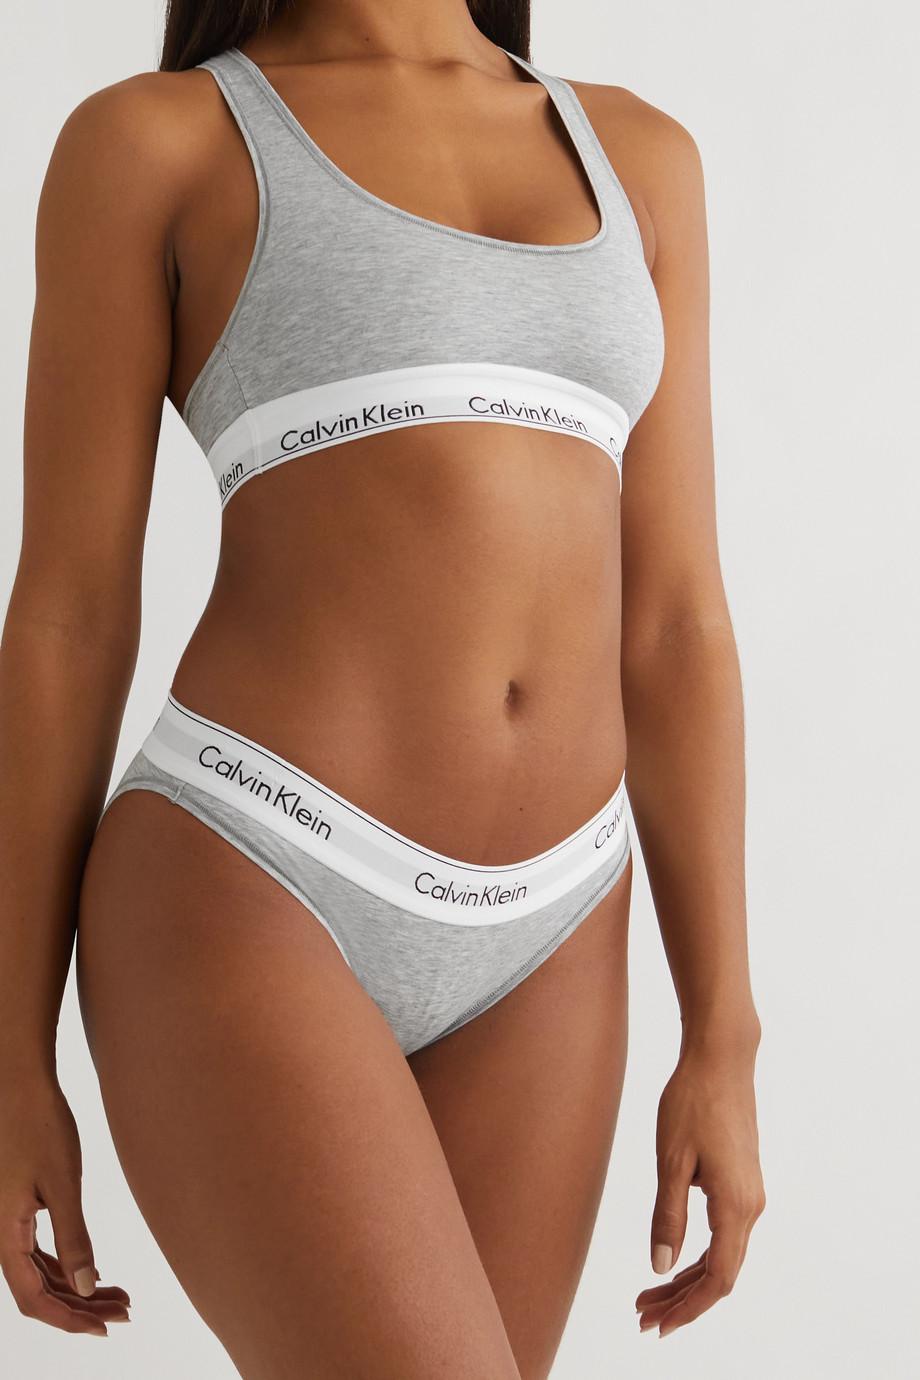 Calvin Klein Underwear Modern Cotton stretch cotton-blend briefs